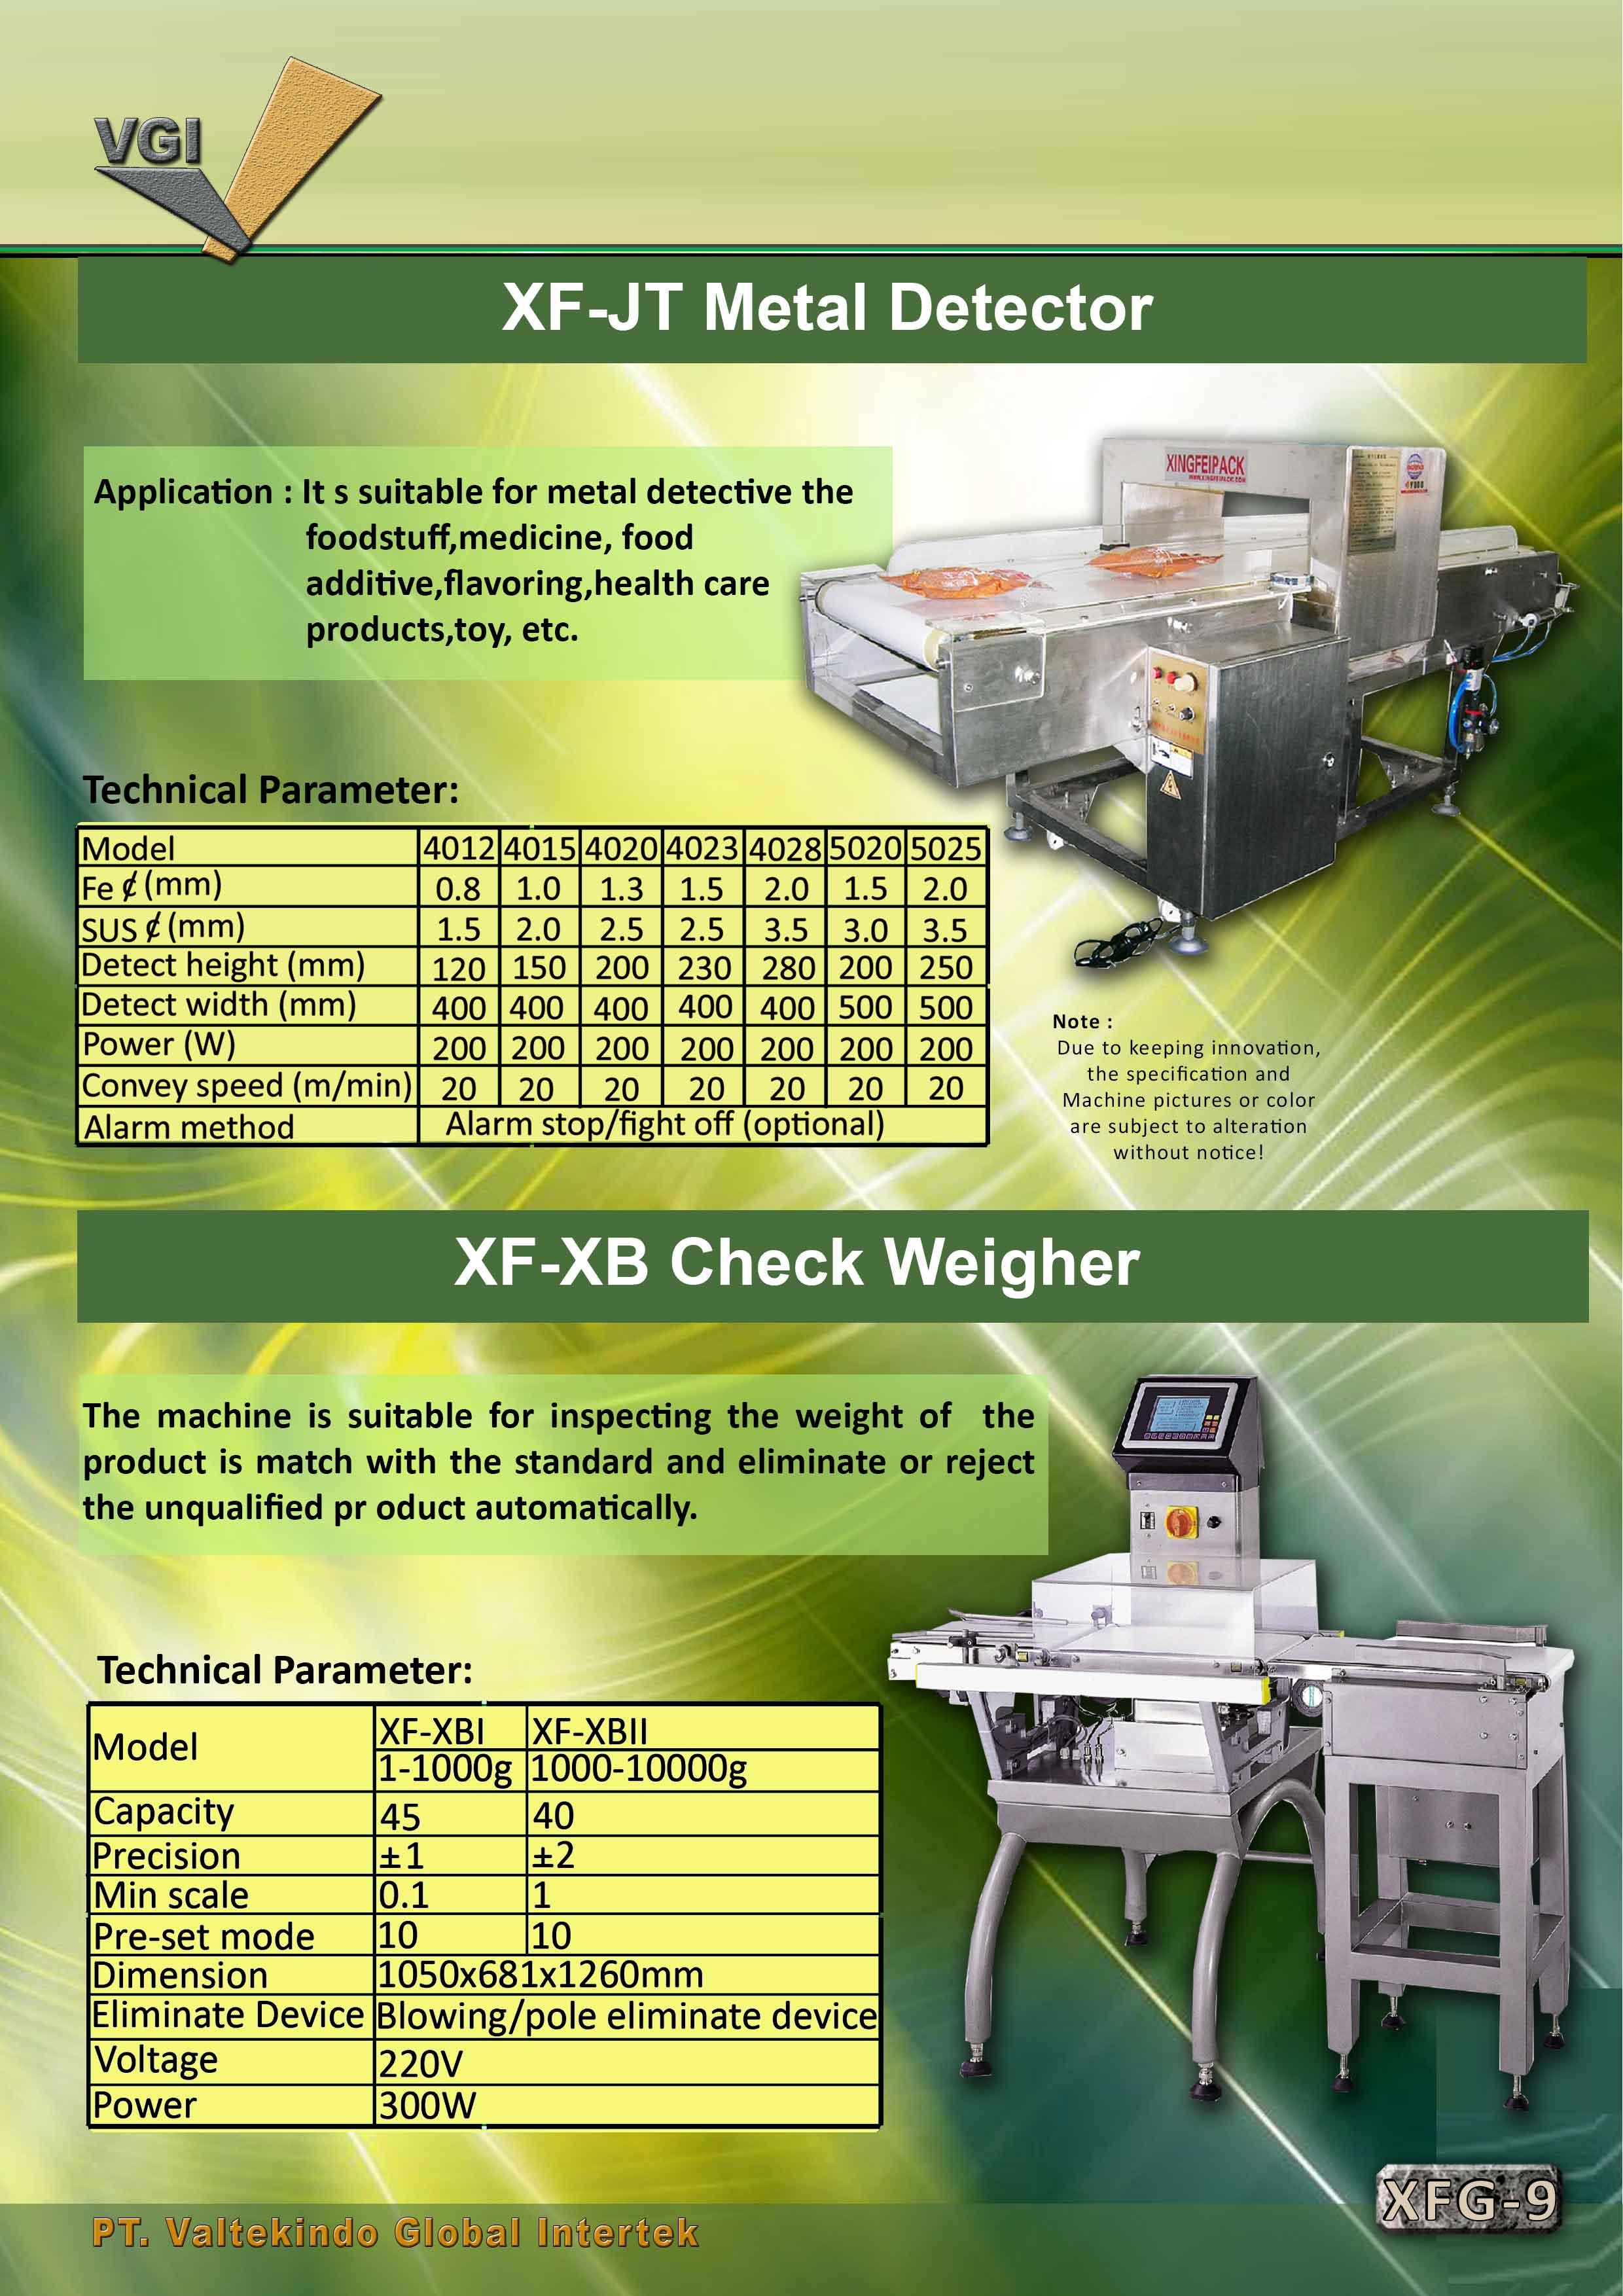 jual mesin Metal Detector & Check Weigher Metal Detector & Check Weigher